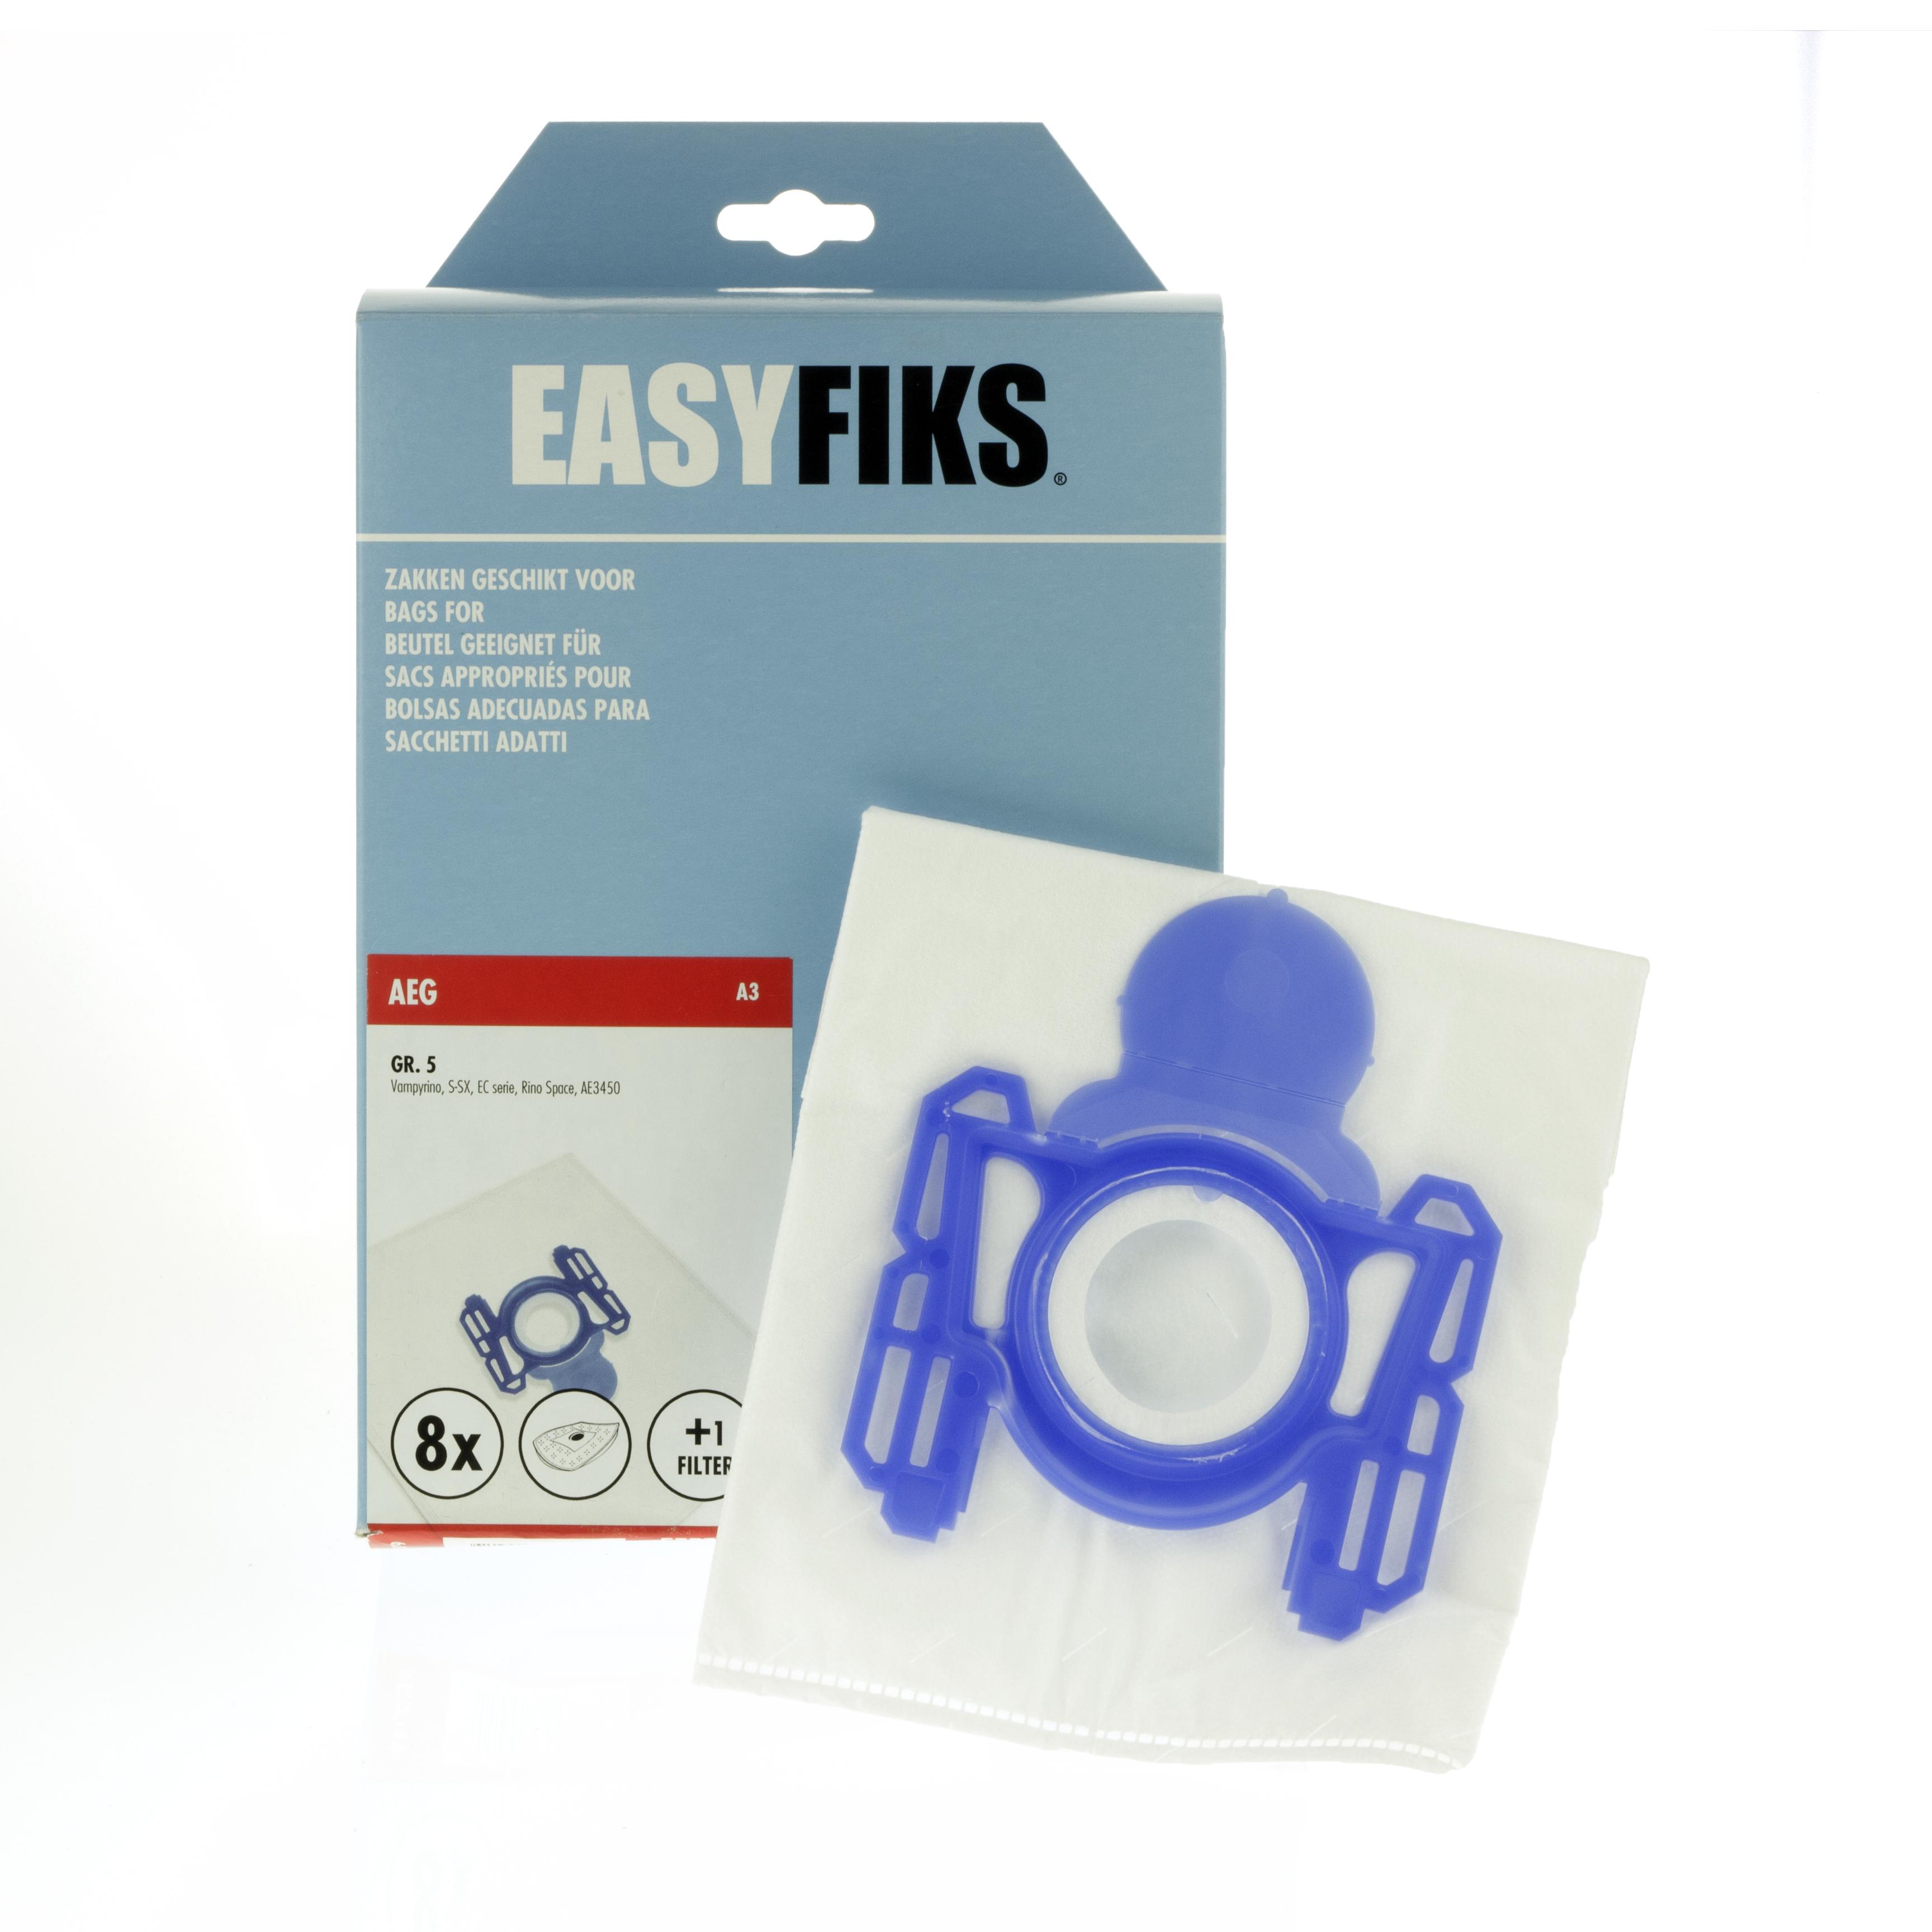 AEG A3 stofzakken Gr.5 8stuks + filter 60102256